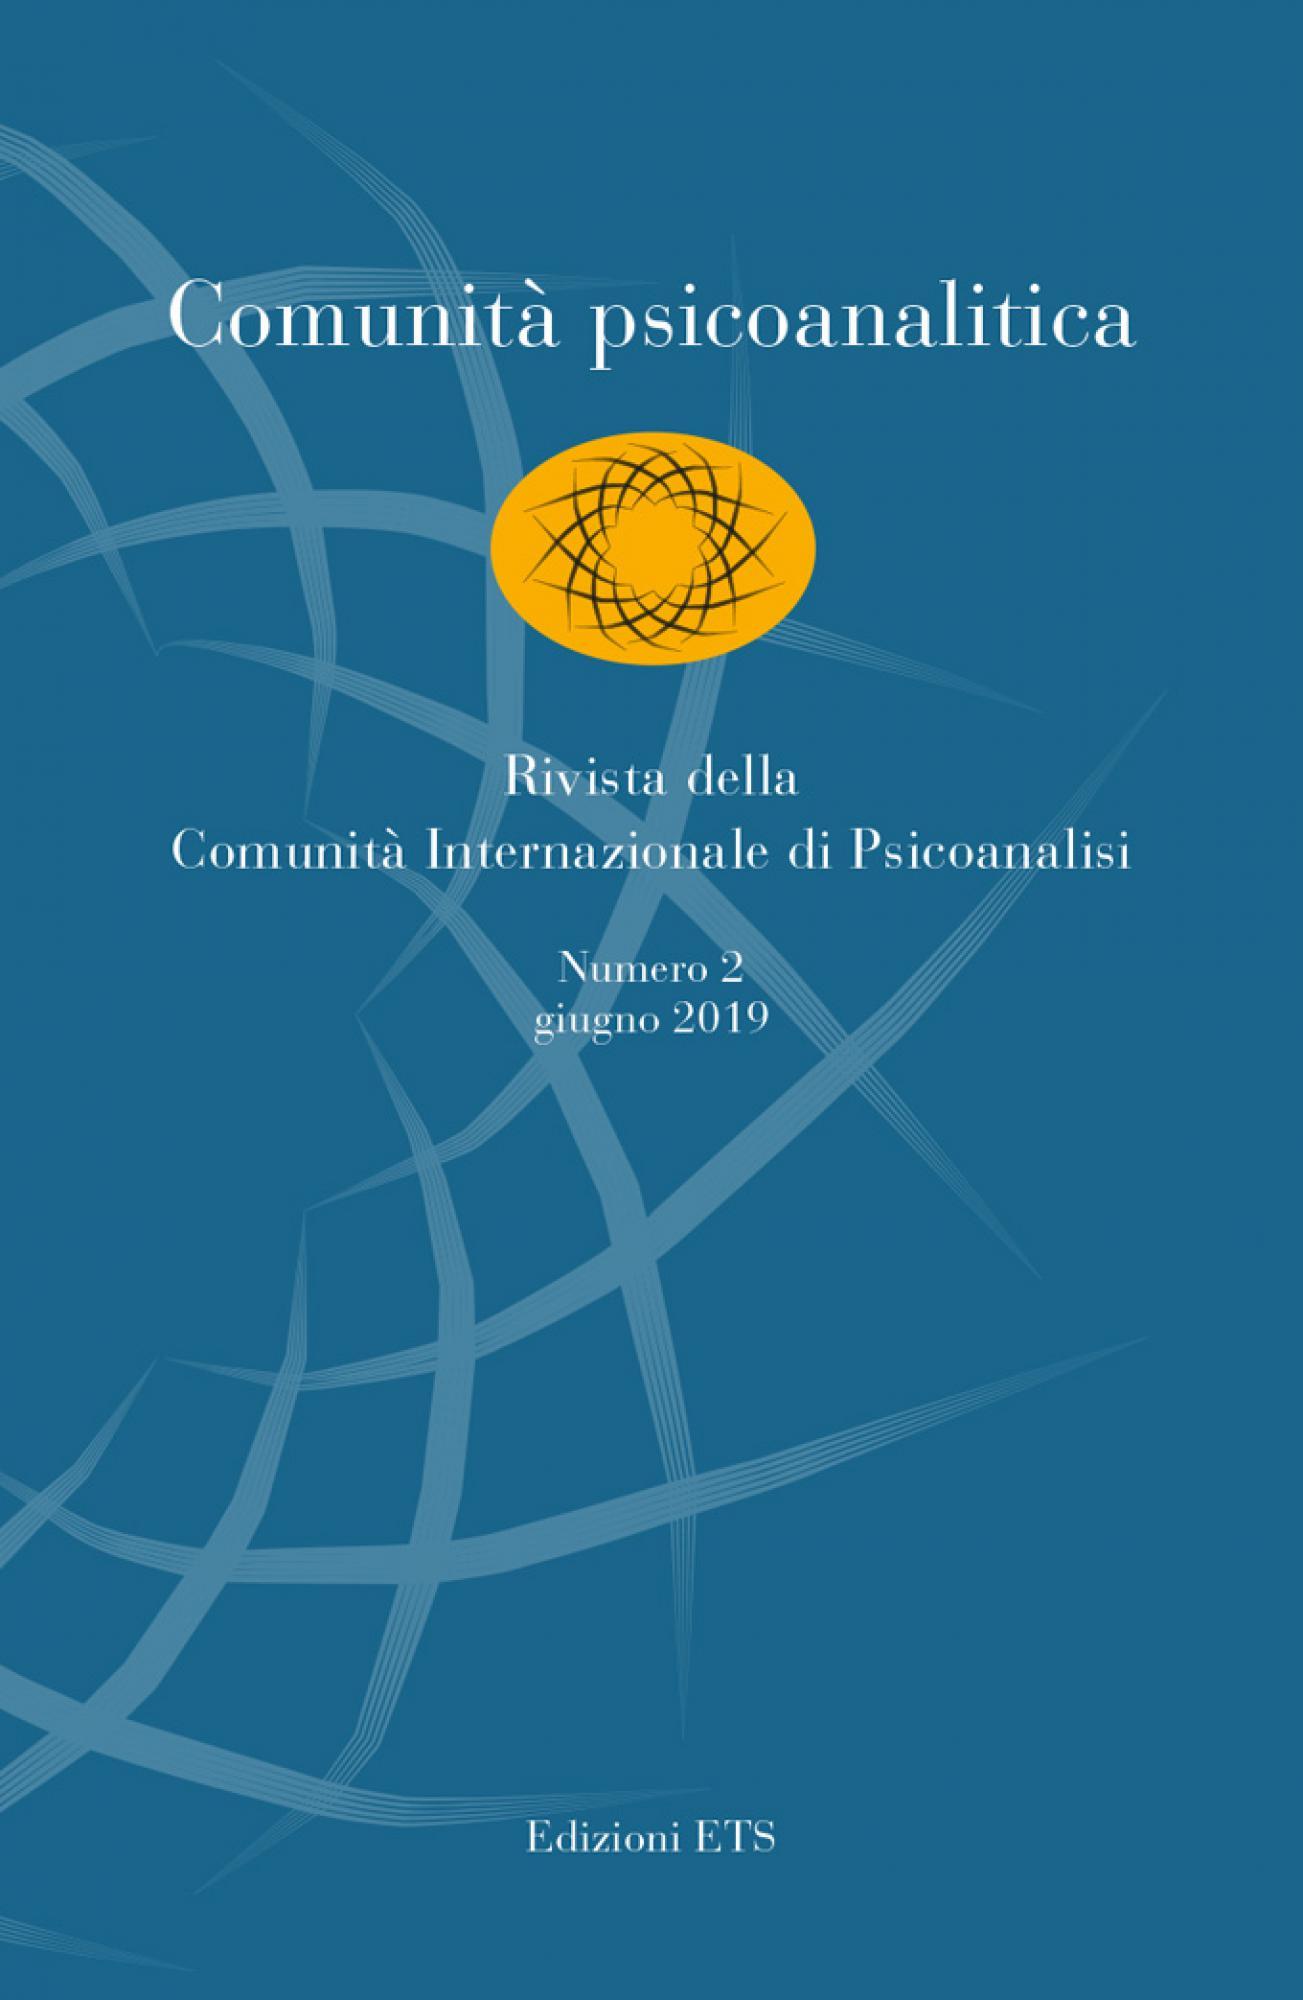 Comunità psicoanalitica.Rivista della  Comunità Internazionale di Psicoanalisi. Numero 2, gennaio 2019